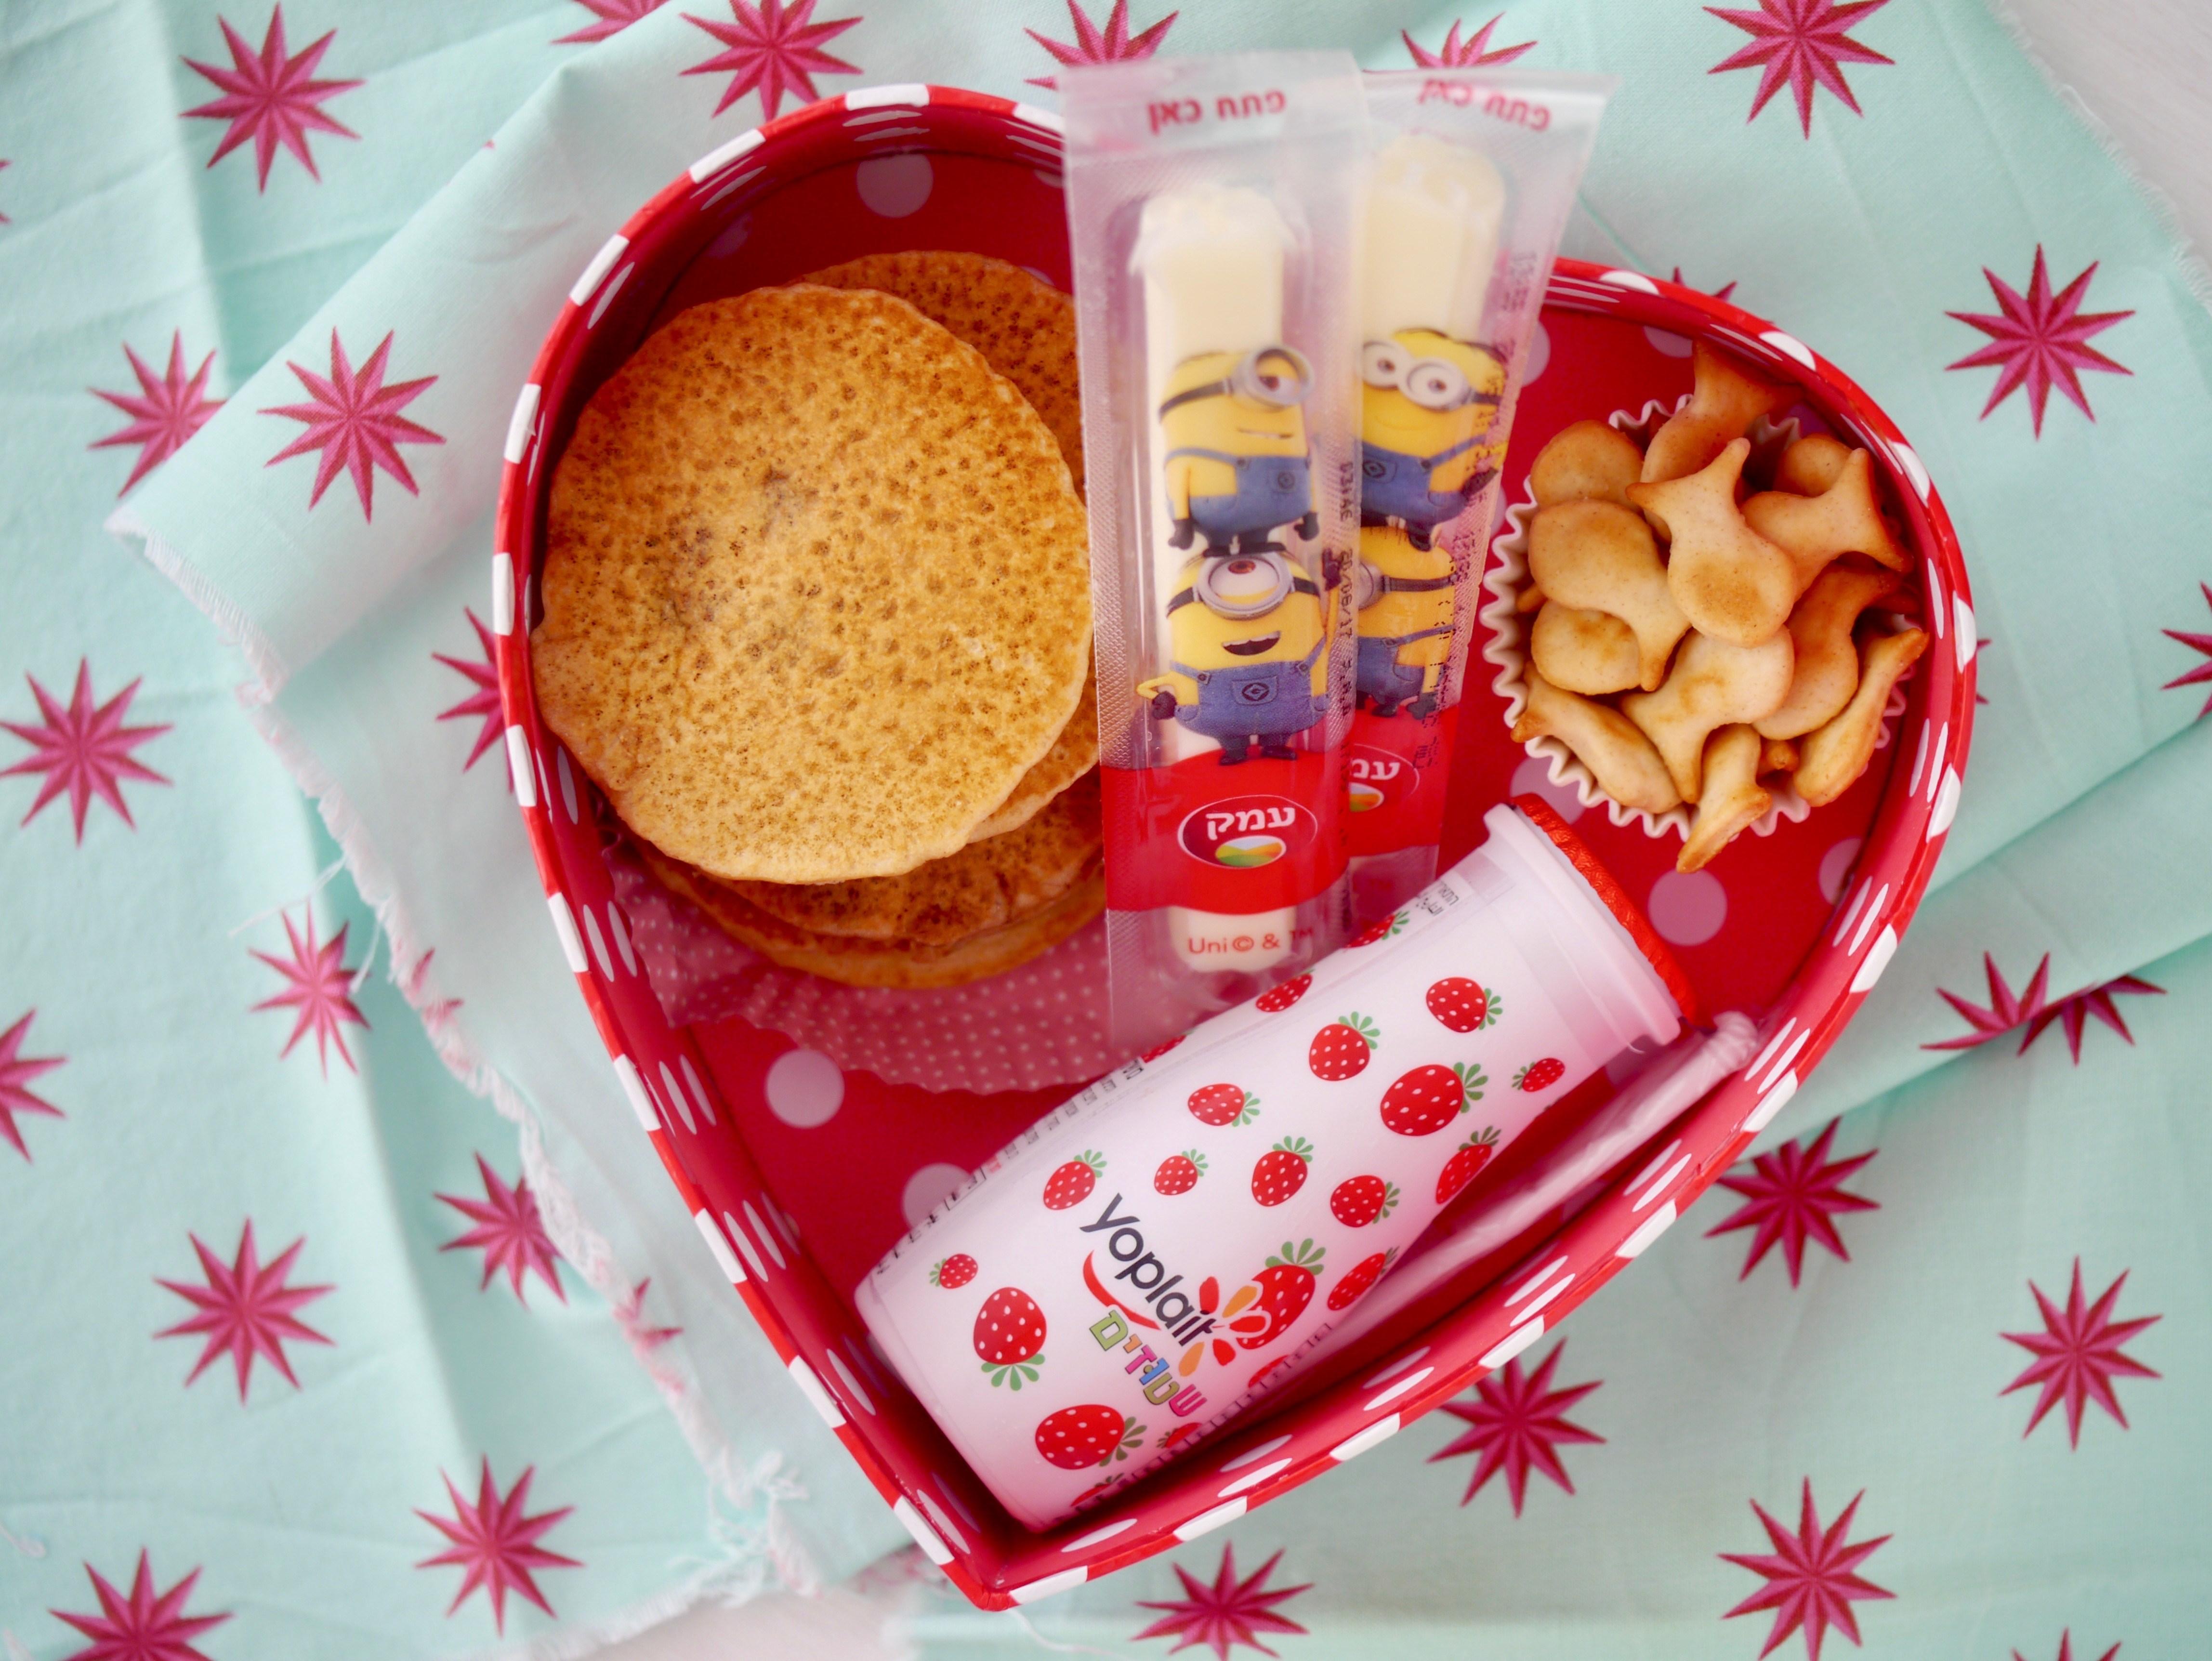 ארוחת עשר: הצעות הגשה לקופסת האוכל לבית הספר